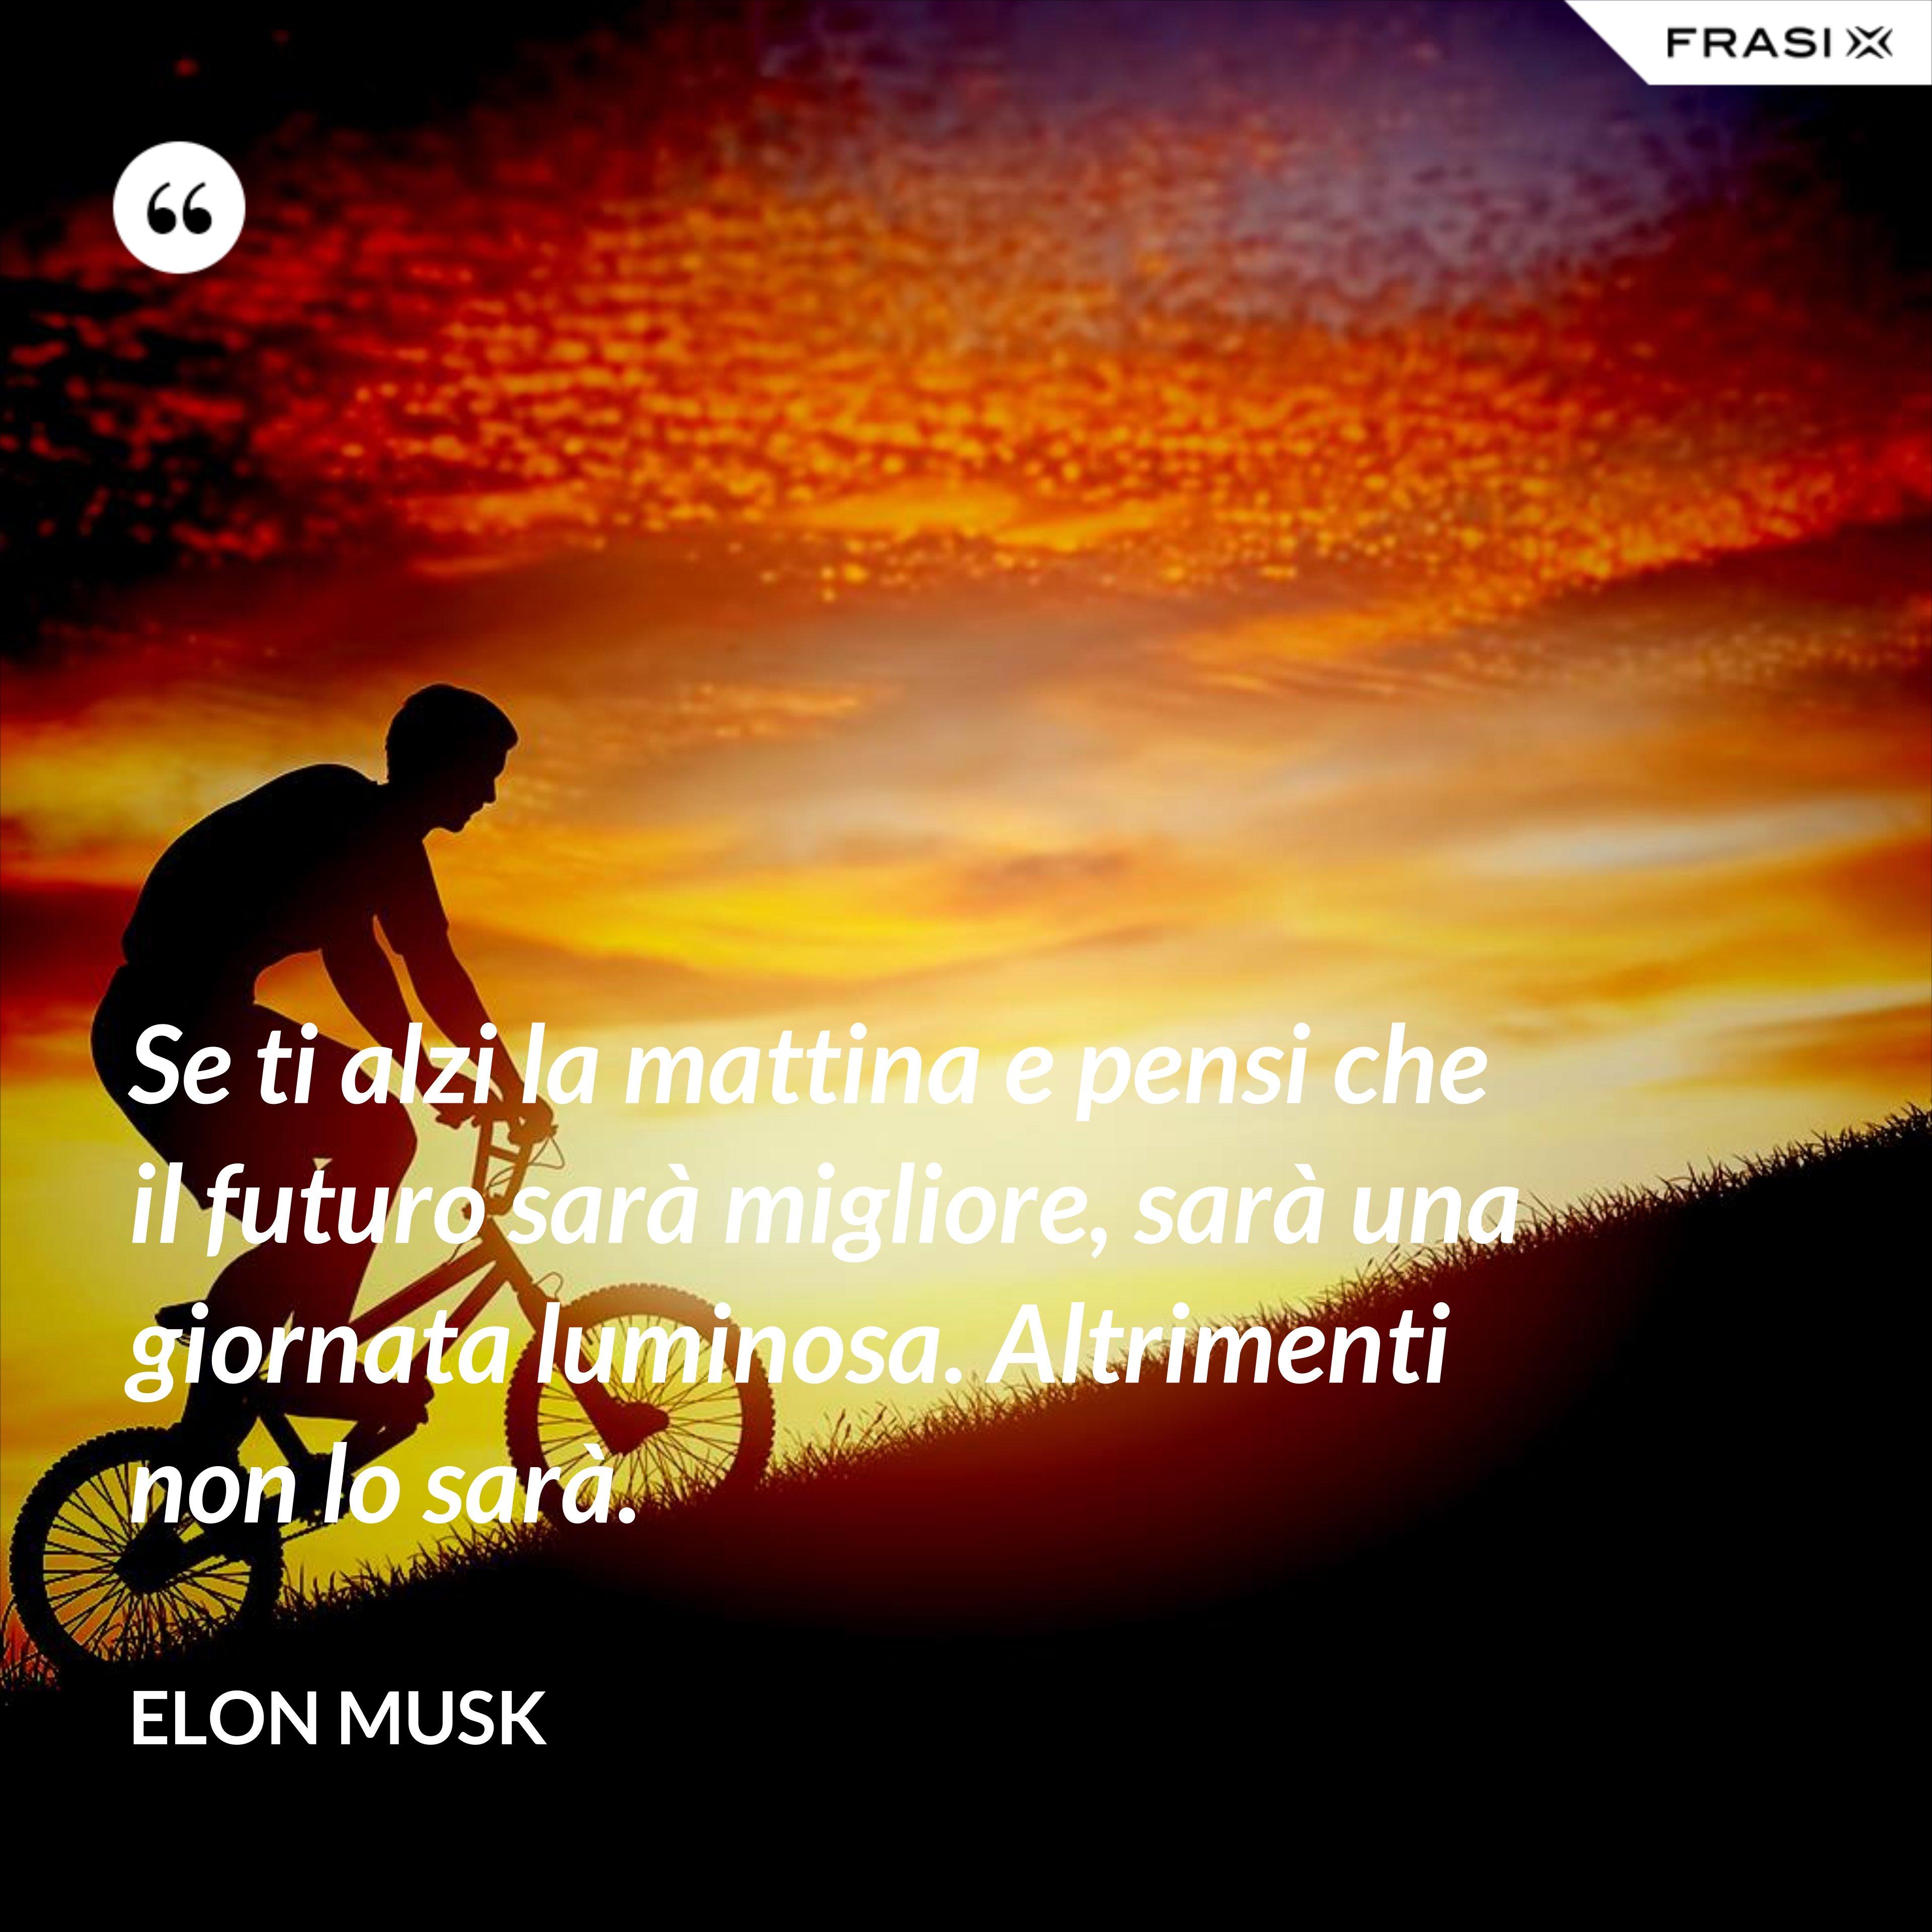 Se ti alzi la mattina e pensi che il futuro sarà migliore, sarà una giornata luminosa. Altrimenti non lo sarà. - Elon Musk